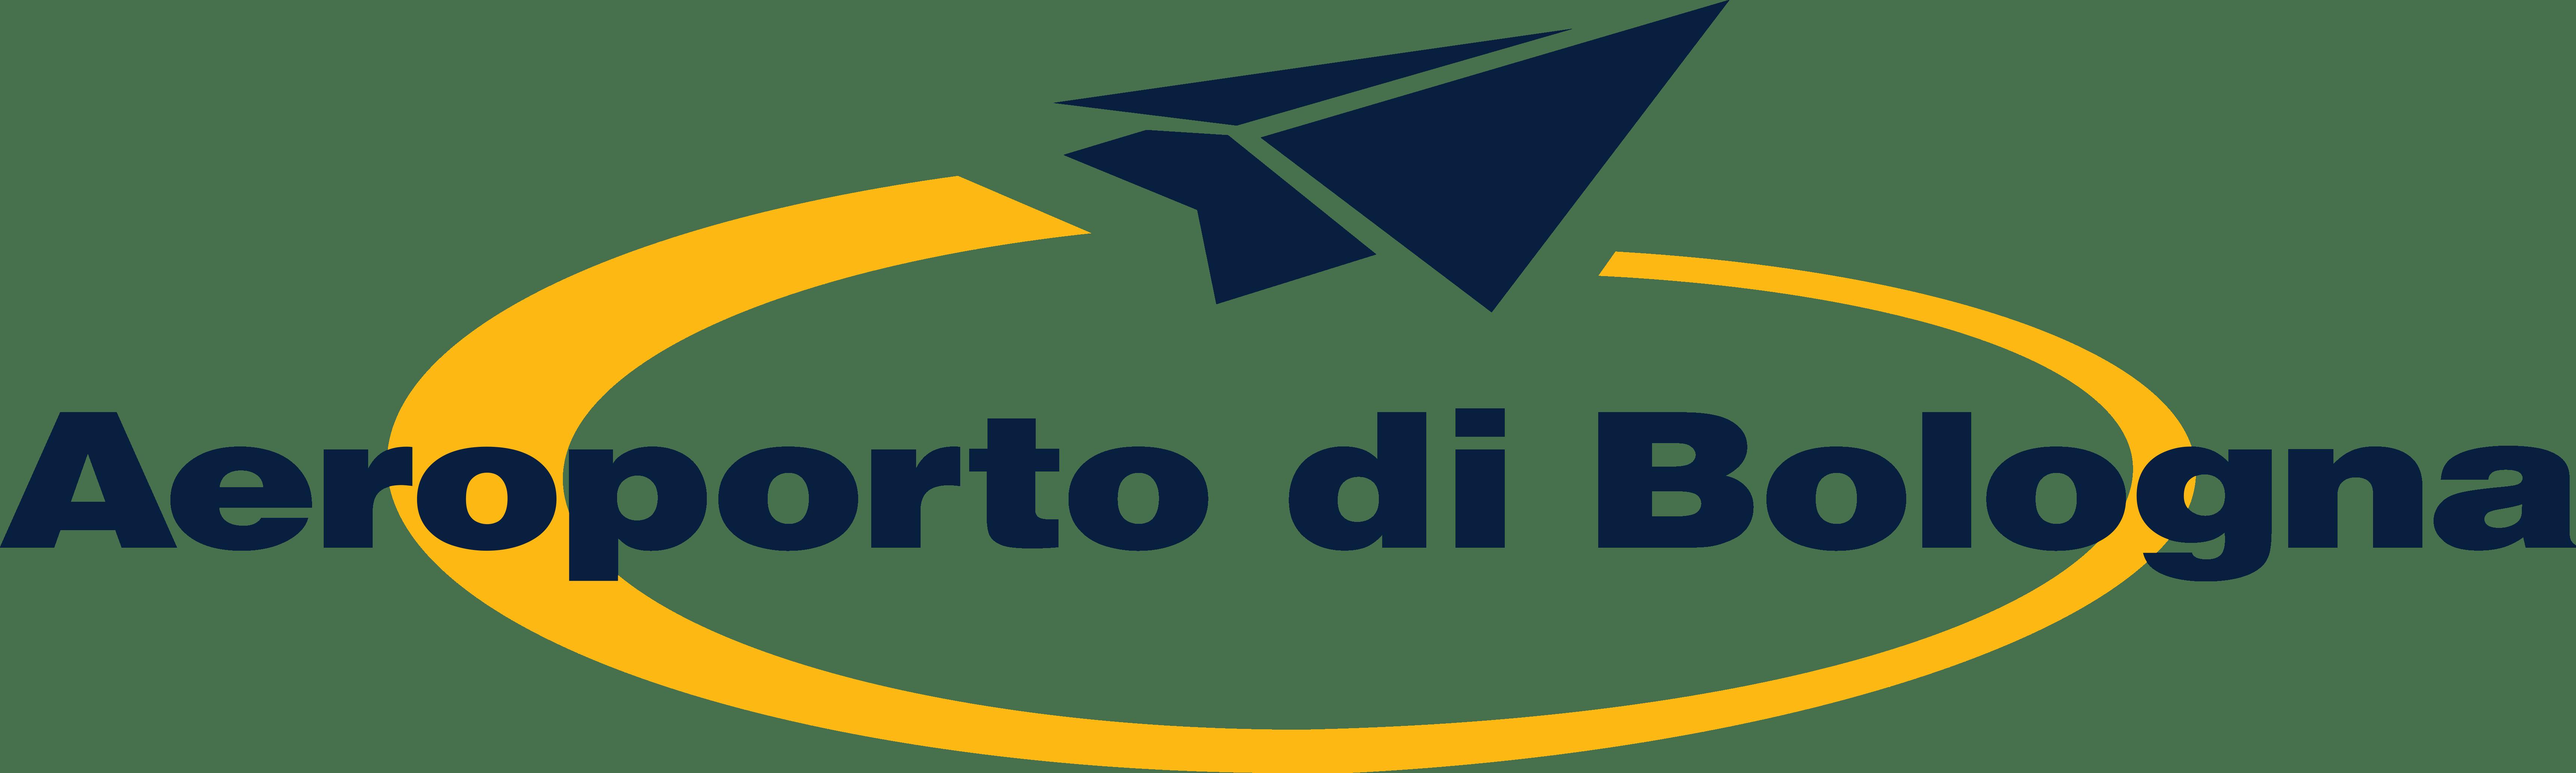 aeroporto marconi di bologna-pavimentazione stradale